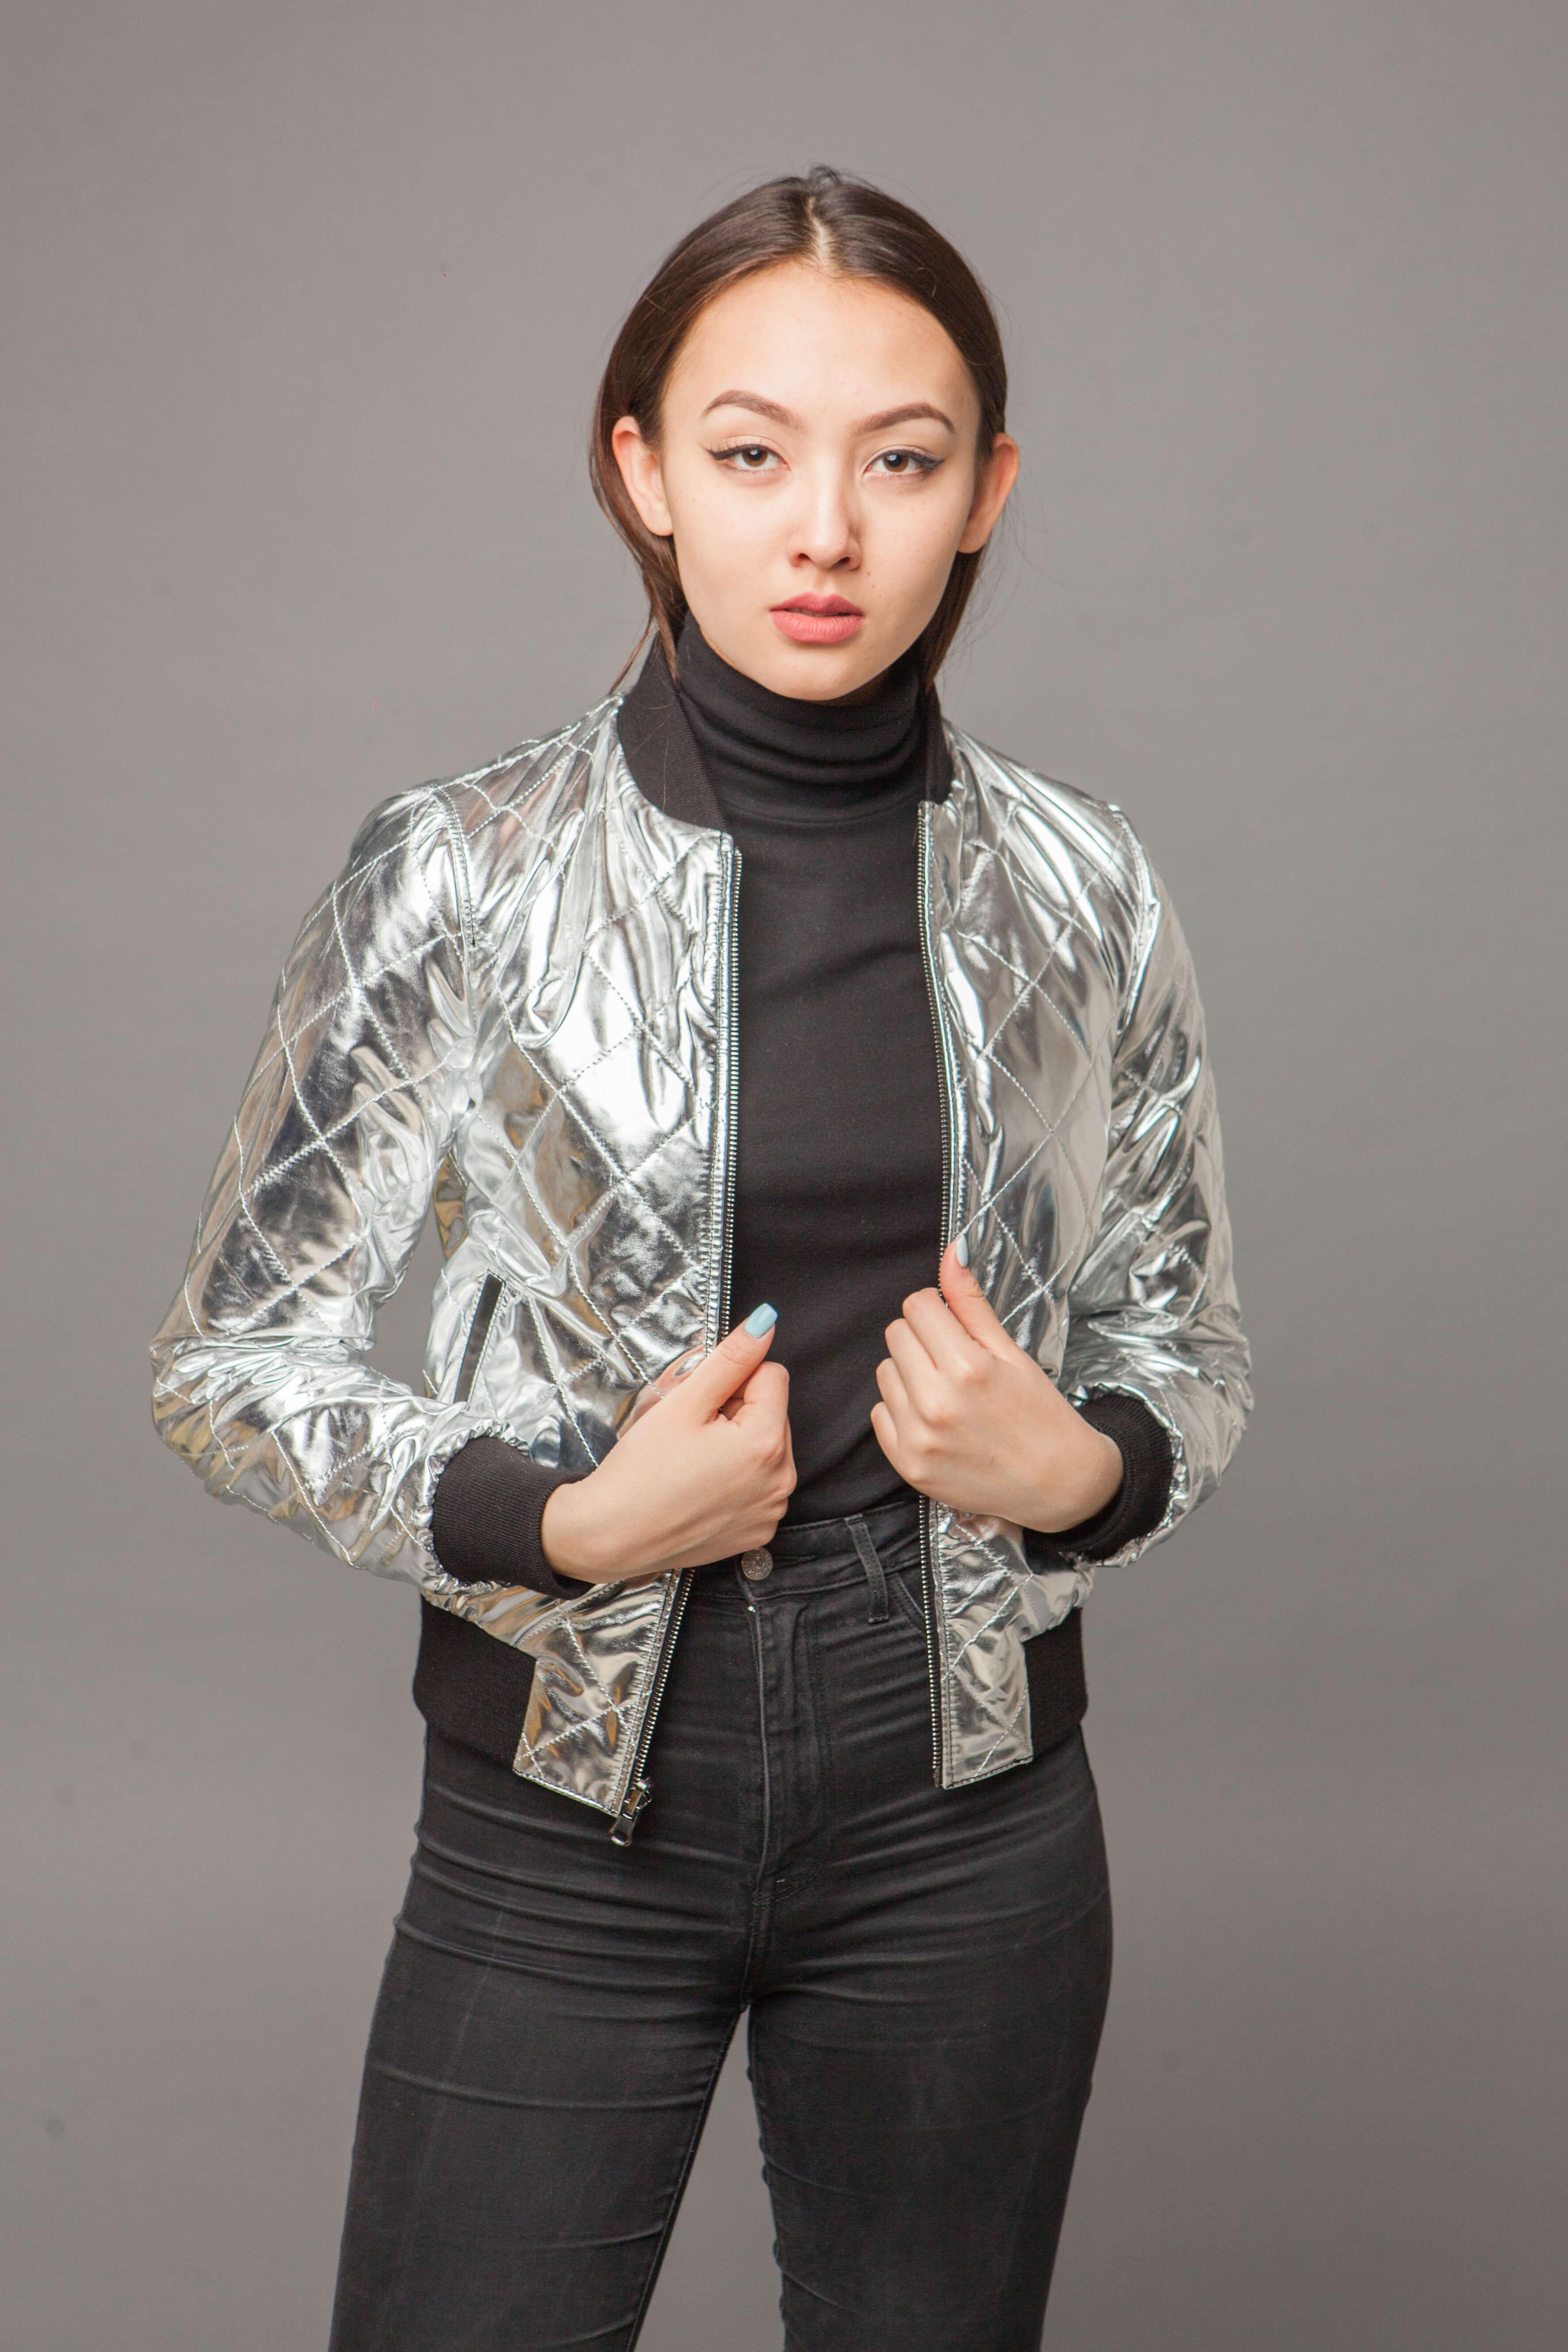 Модная двусторонняя куртка из натуральной кожи. Фото 3